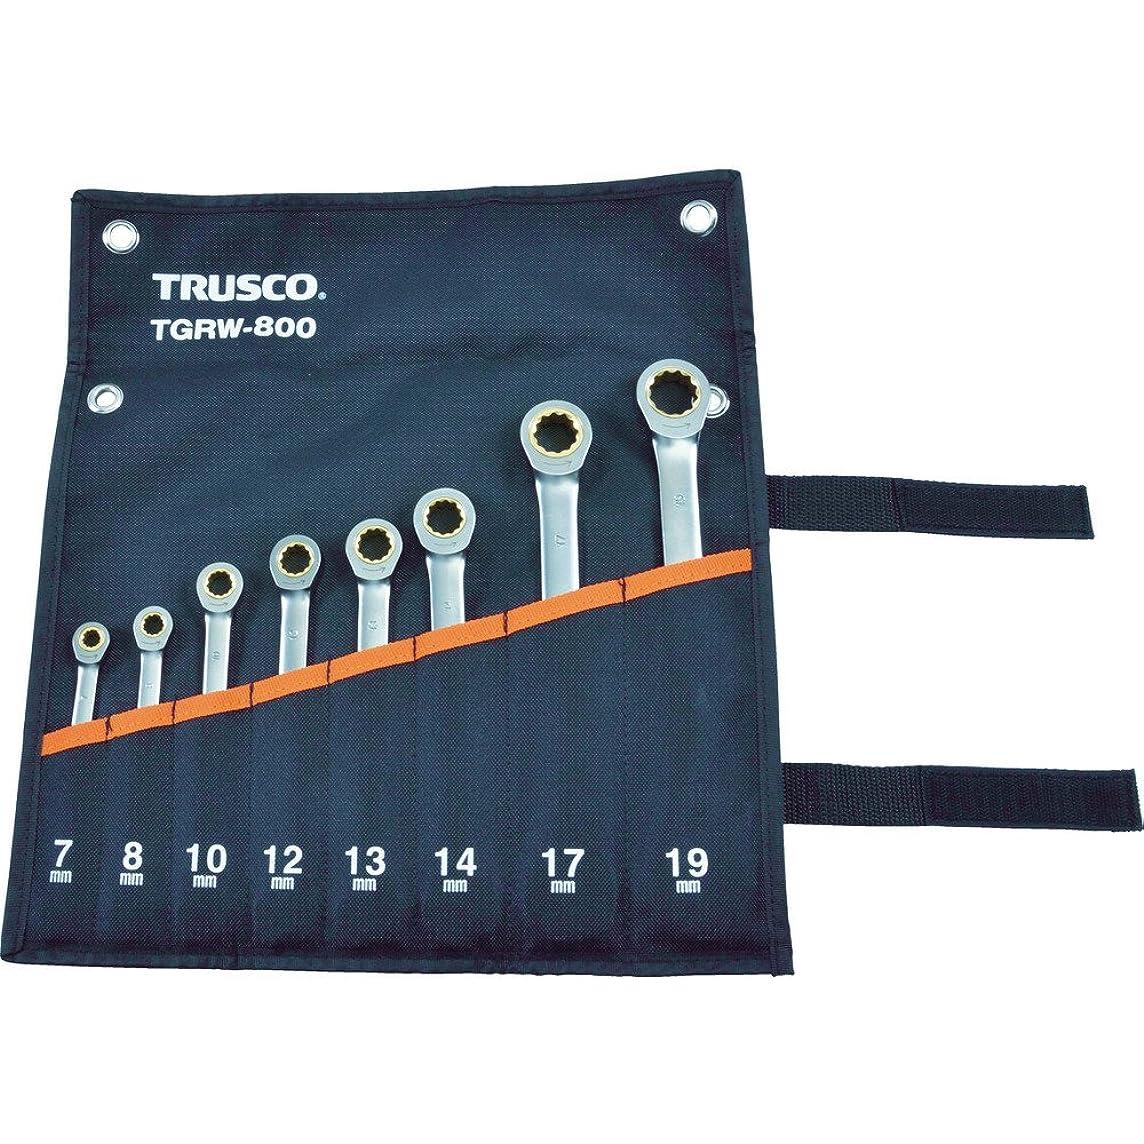 その他アンデス山脈悪意TRUSCO(トラスコ) ラチェットコンビネーションレンチセット(スタンダード)8本組 TGRW-800